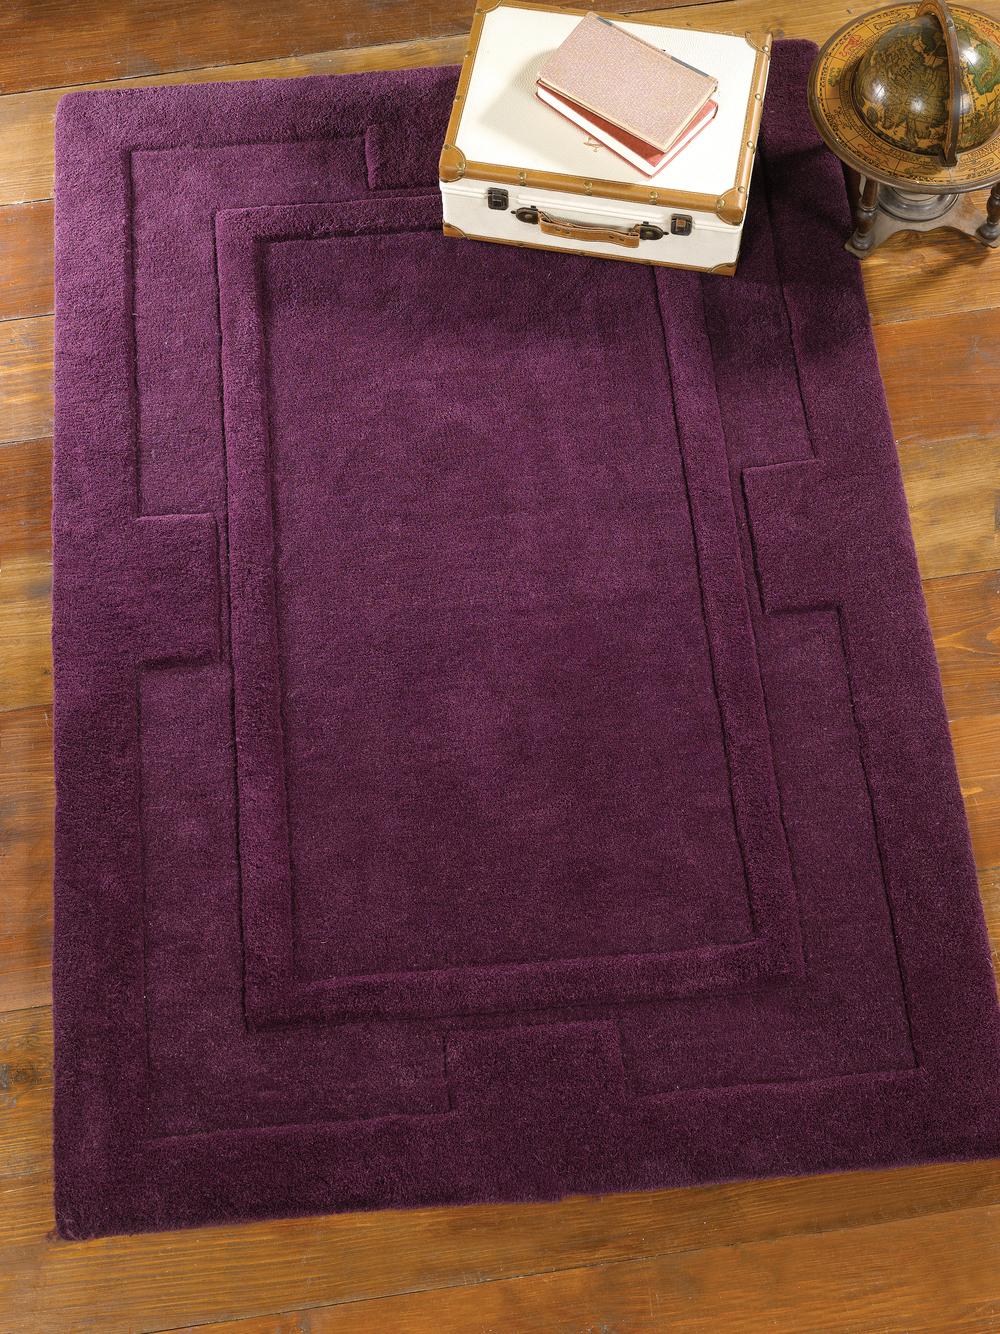 Apollo_purple_copy_41F897245E264AAF98AF5B906FD1FCE9